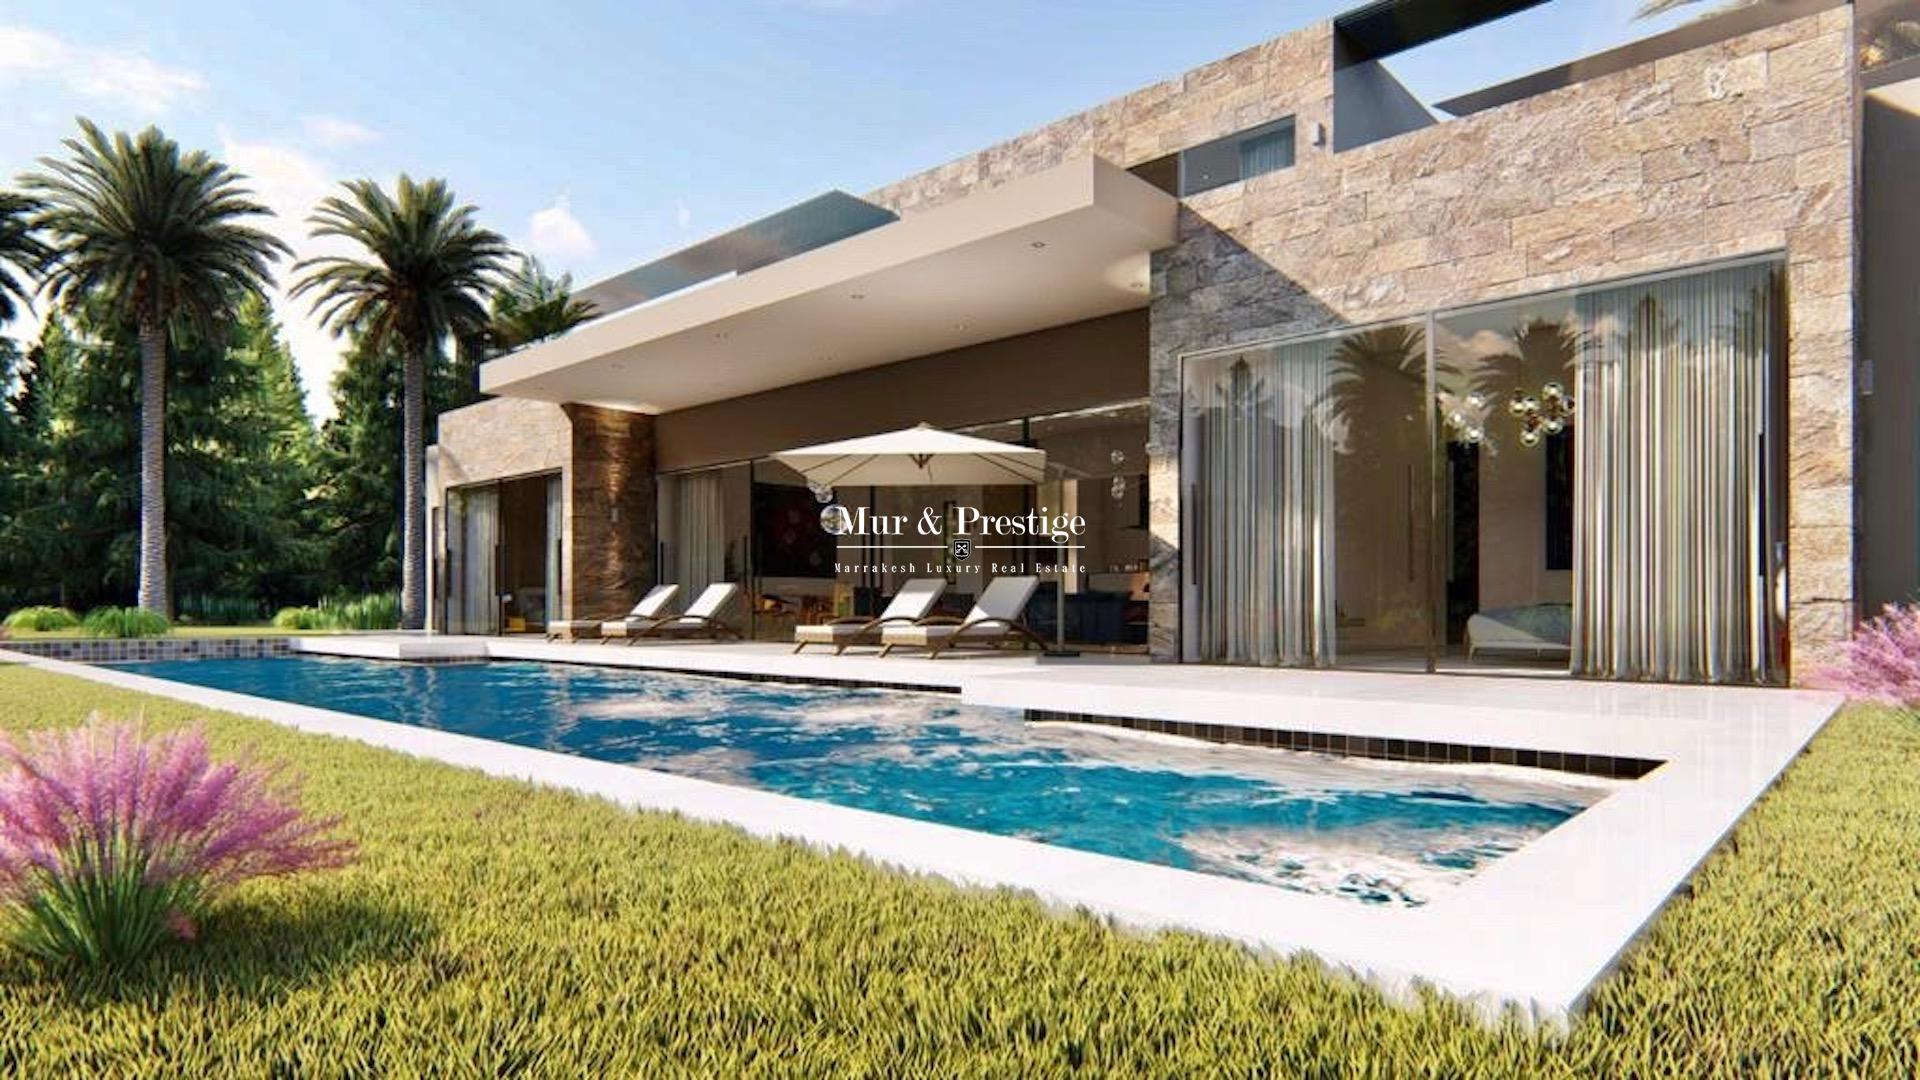 Agence immobilière Marrakech : Maison moderne à vendre sur la route de l'Ourika